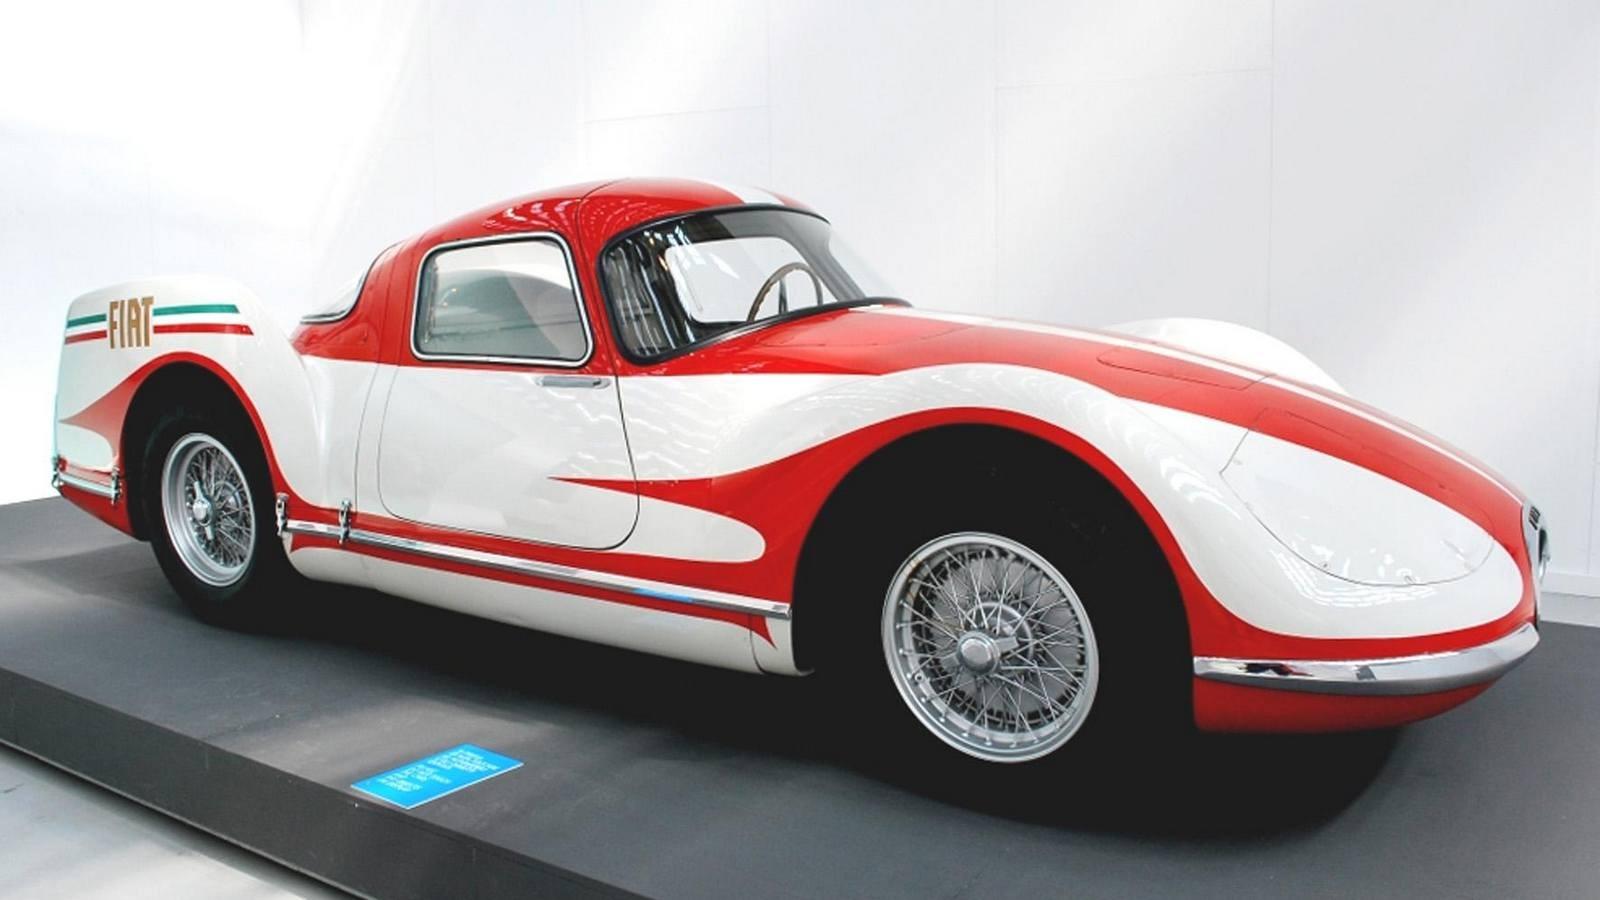 С 1948 года разработкой скоростной газотурбинной машины Turbina занимался итальянский концерн FIAT, приняв за основу своё «нормальное» спортивное купе модели 8V и конструкции авиационных турбовинтовых моторов. Ее шасси собрали в феврале 1954-го, а 10 апреля на свет появился эффектный обтекаемый красно-белый автомобиль с задними стабилизаторами, способный развивать скорость 250 км/ч.Автомобиль FIAT Turbina с задним силовым агрегатом и автоматической трансмиссией модели 8001Главной особенностью 300-сильного ГТД заднего расположения была особая трансмиссия модели 8001, автоматически регулировавшая рабочие режимы компрессора и тяговой турбины. При этом свежий воздух засасывался спереди и подавался к заднему компрессору по центральному тоннелю.При желании на этой схеме можно разглядеть всю «механическую мельницу» машины FIAT TurbinaАвтомобиль получил стальную трубчатую раму и независимую подвеску всех колес со стабилизаторами поперечной устойчивости. После испытаний и демонстрации на Туринском автосалоне в нём выявили множество недостатков, и дальнейшие работы пришлось прекратить.«Огненные птицы» от корпорации General MotorsКак только до далекой Америки долетели слухи о создании в Европе принципиально новых, но пока неиспытанных легковушек с ГТД к их созданию сразу подключились ведущие компании США. Понятно, что первой из них была корпорация General Motors. За короткое время она собрала три опытных работоспособных образца серии GM Firebird («Огненная птица»), более известные своим революционным самолетным стилем и брутальной внешностью, чем высокими техническими достижениями. Всё дизайнерское сопровождение контролировал вице-президент Харли Эрл.Известный дизайнер Харли Эрл во главе своего «огненного семейства» уникальных автомобилей FirebirdВ декабре 1953 года с первой экспериментальной газотурбинной машиной Firebird XP-21 (Firebird I) сразу же произошел конфуз: ее приняли за поставленный на четыре больших колеса одноместный реактивный истребитель с короткими крылышками,